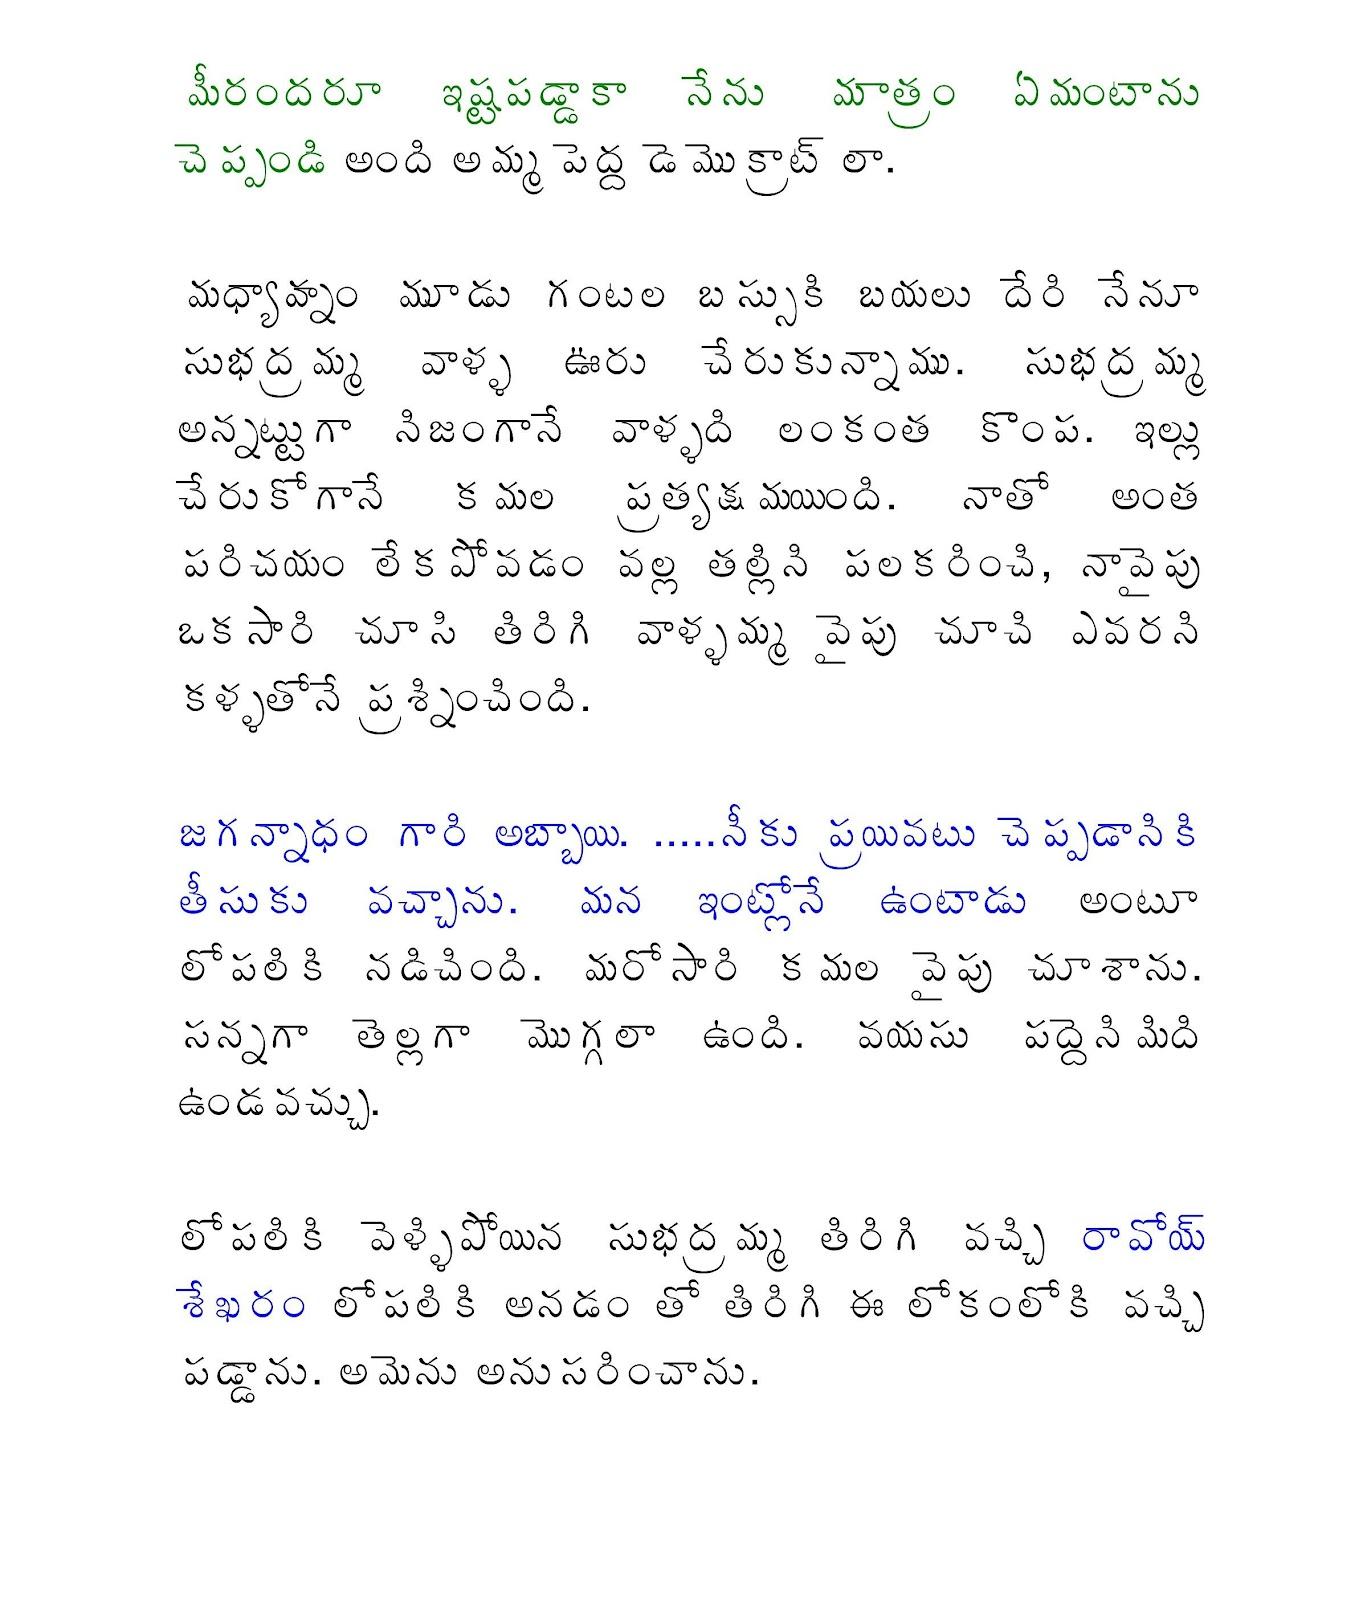 Teluguboothukathalu-meekosam.blogspot.com: August 2012